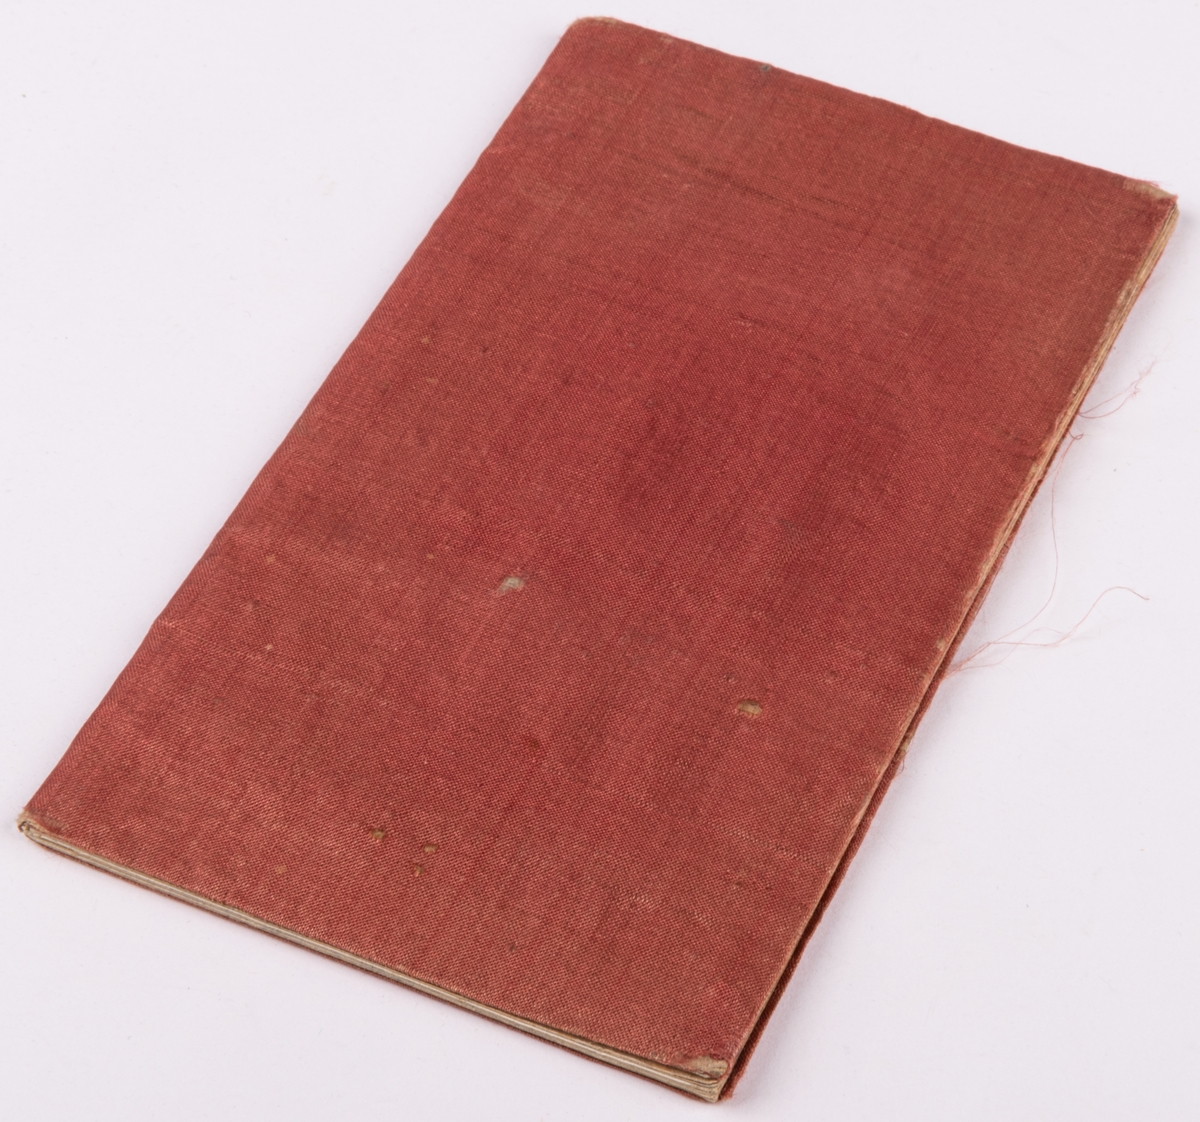 """Anteckningsbok klädd med rött siden. Inuti skrivet  """"Från Clara Nordblad julafton 1848""""."""